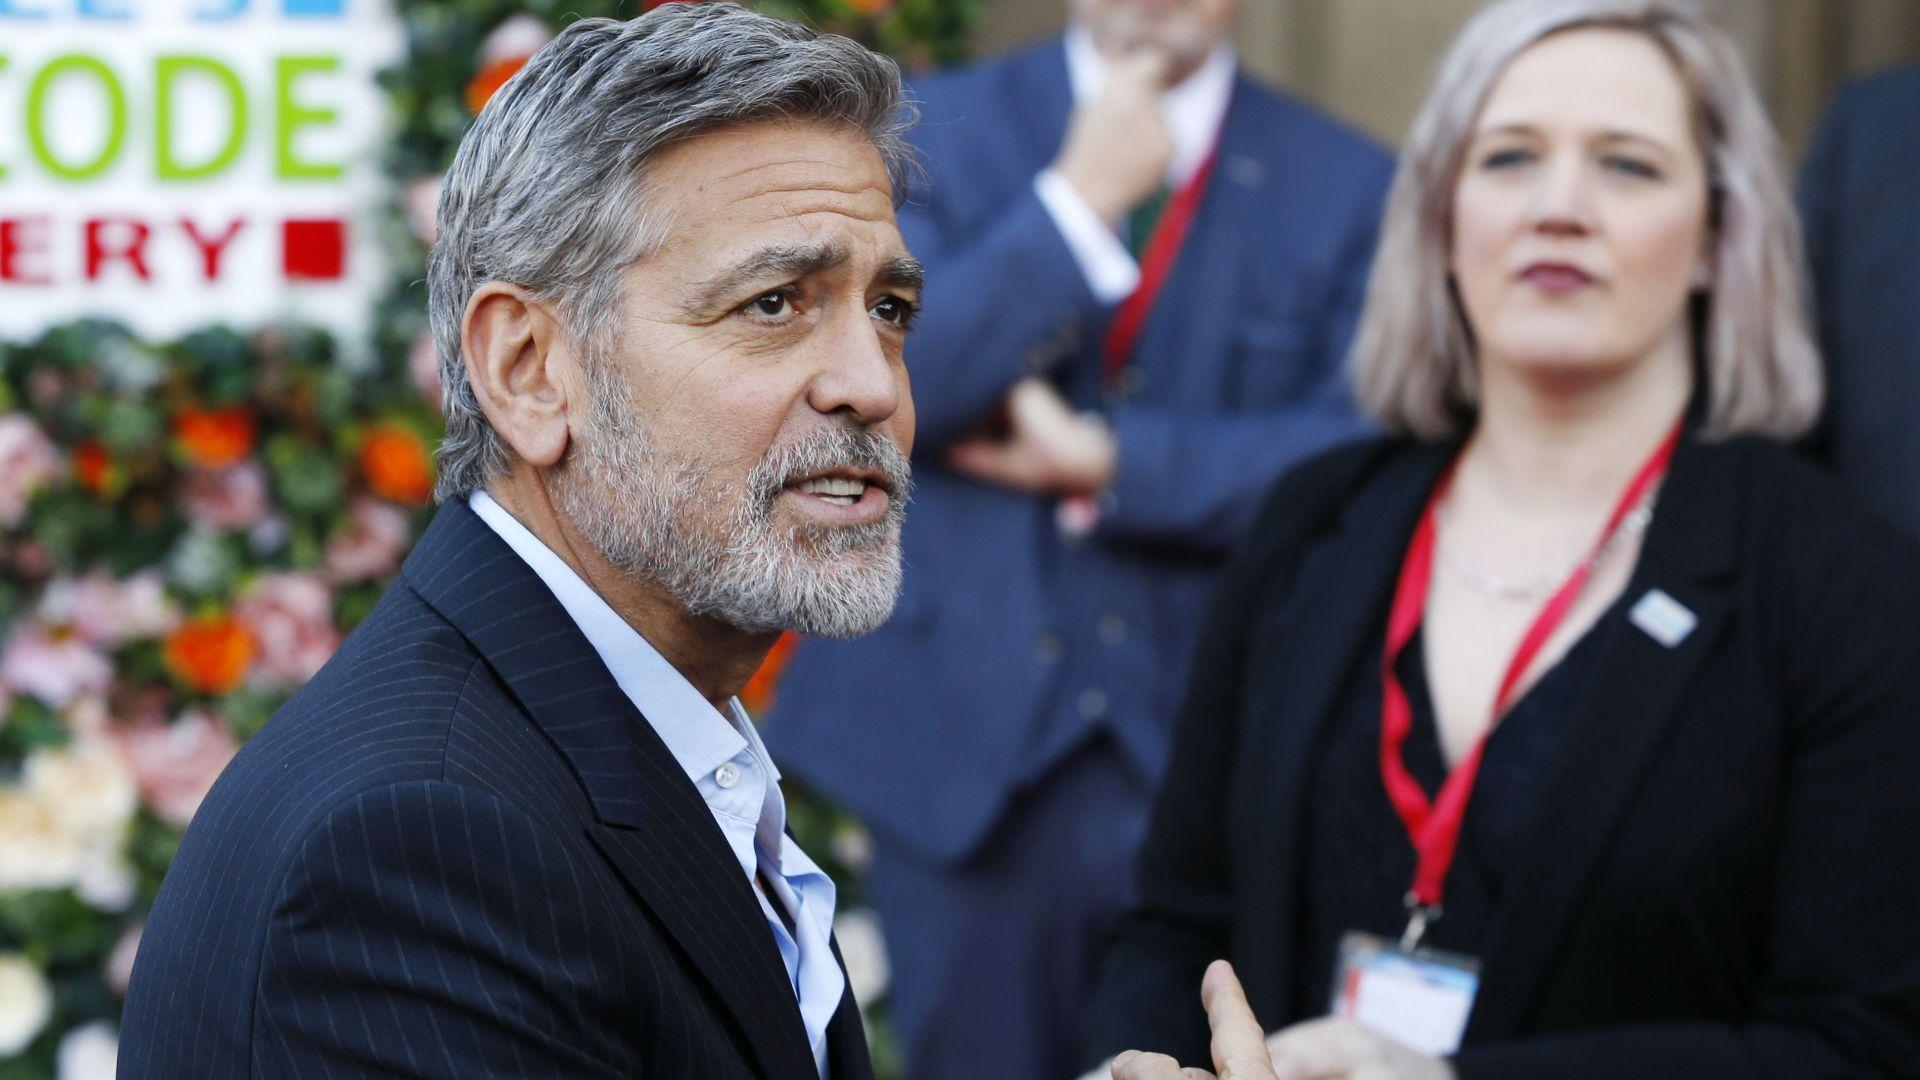 Джордж Клуни призова за бойкот на 9 луксозни хотела заради закон срещу прелюбодеянията